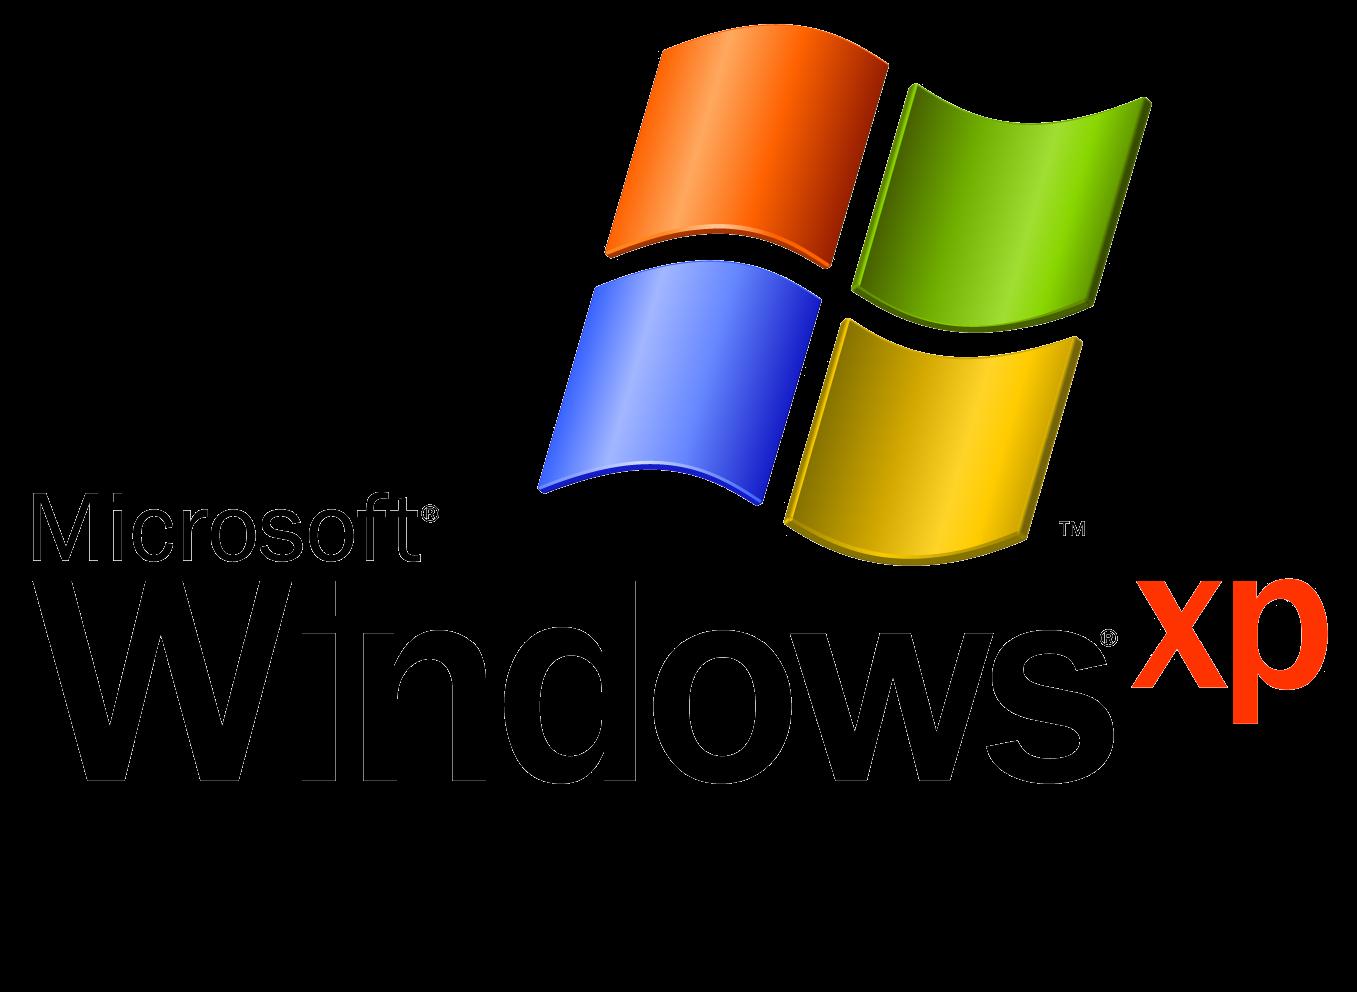 تحميل نسخة ويندوز xp